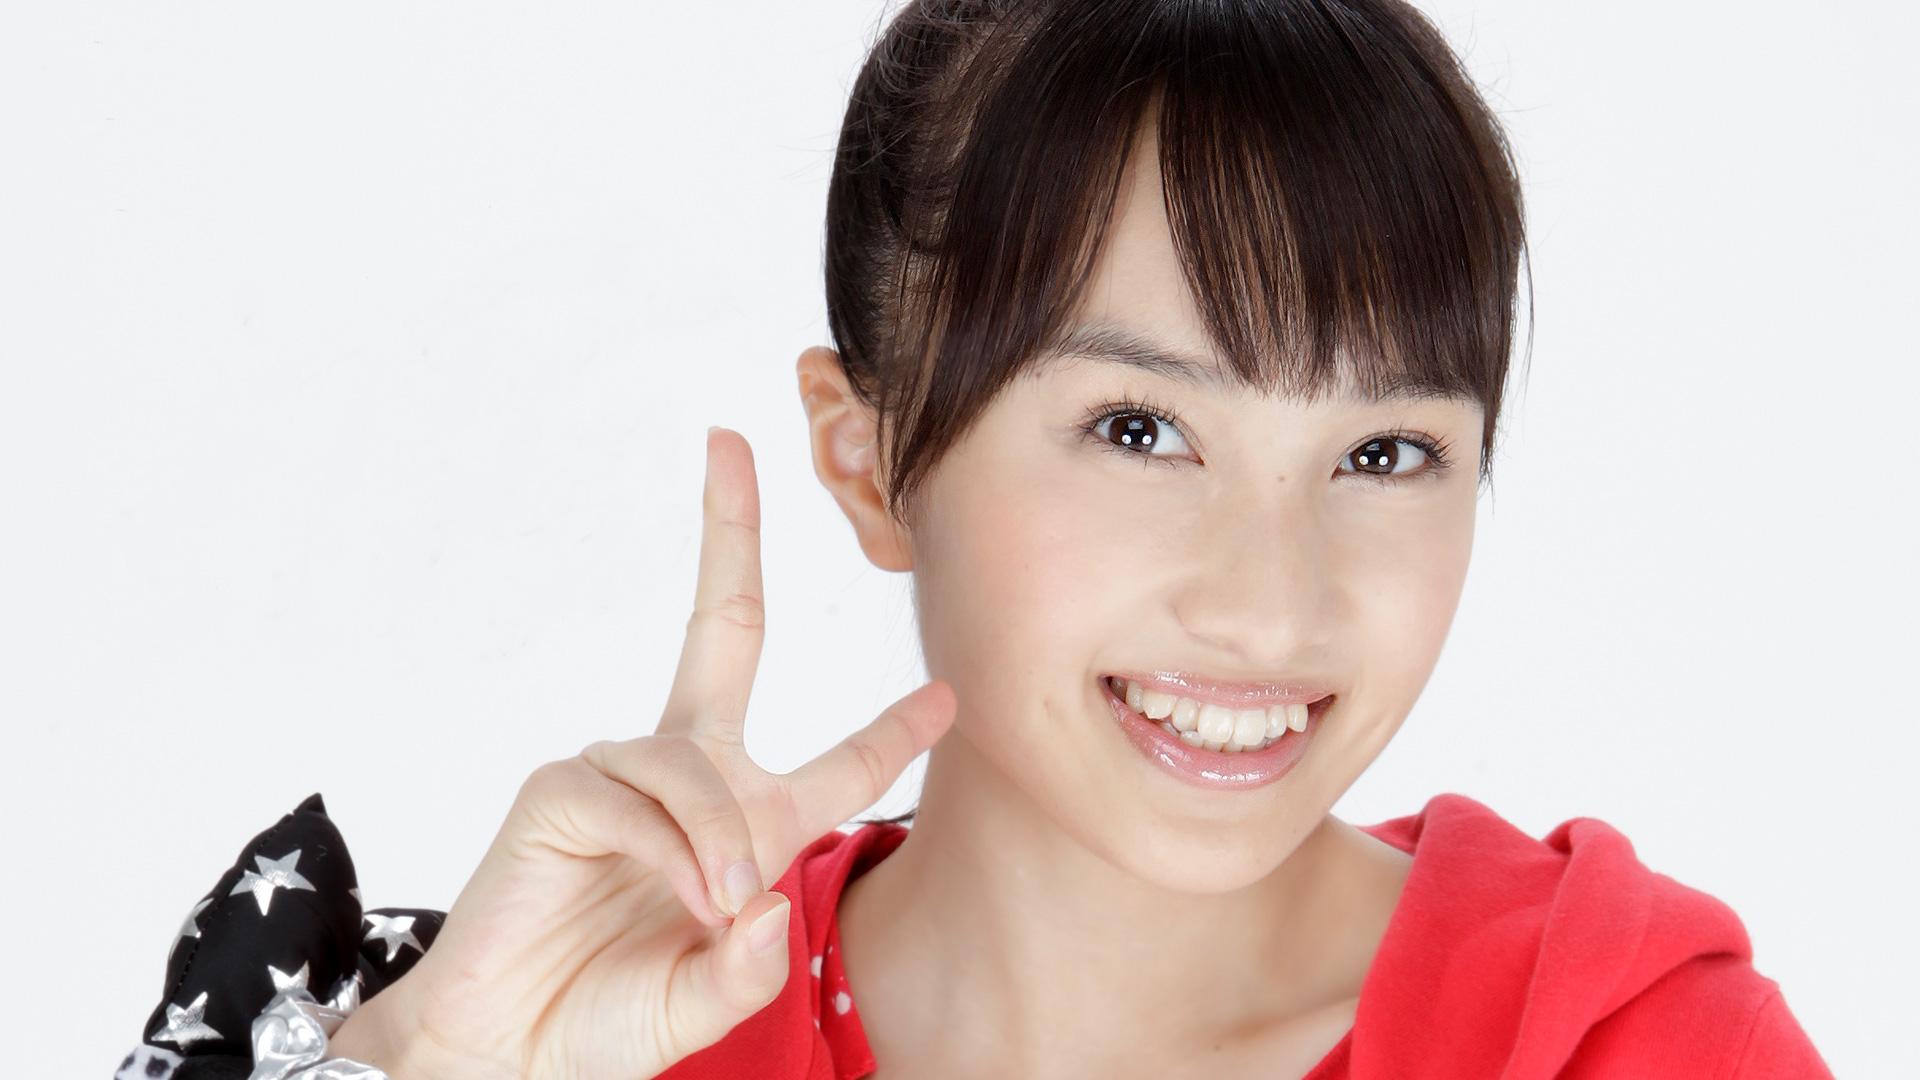 百田夏菜子の性格は!?ももクロセンターの性格に裏表はあるのか!?のサムネイル画像